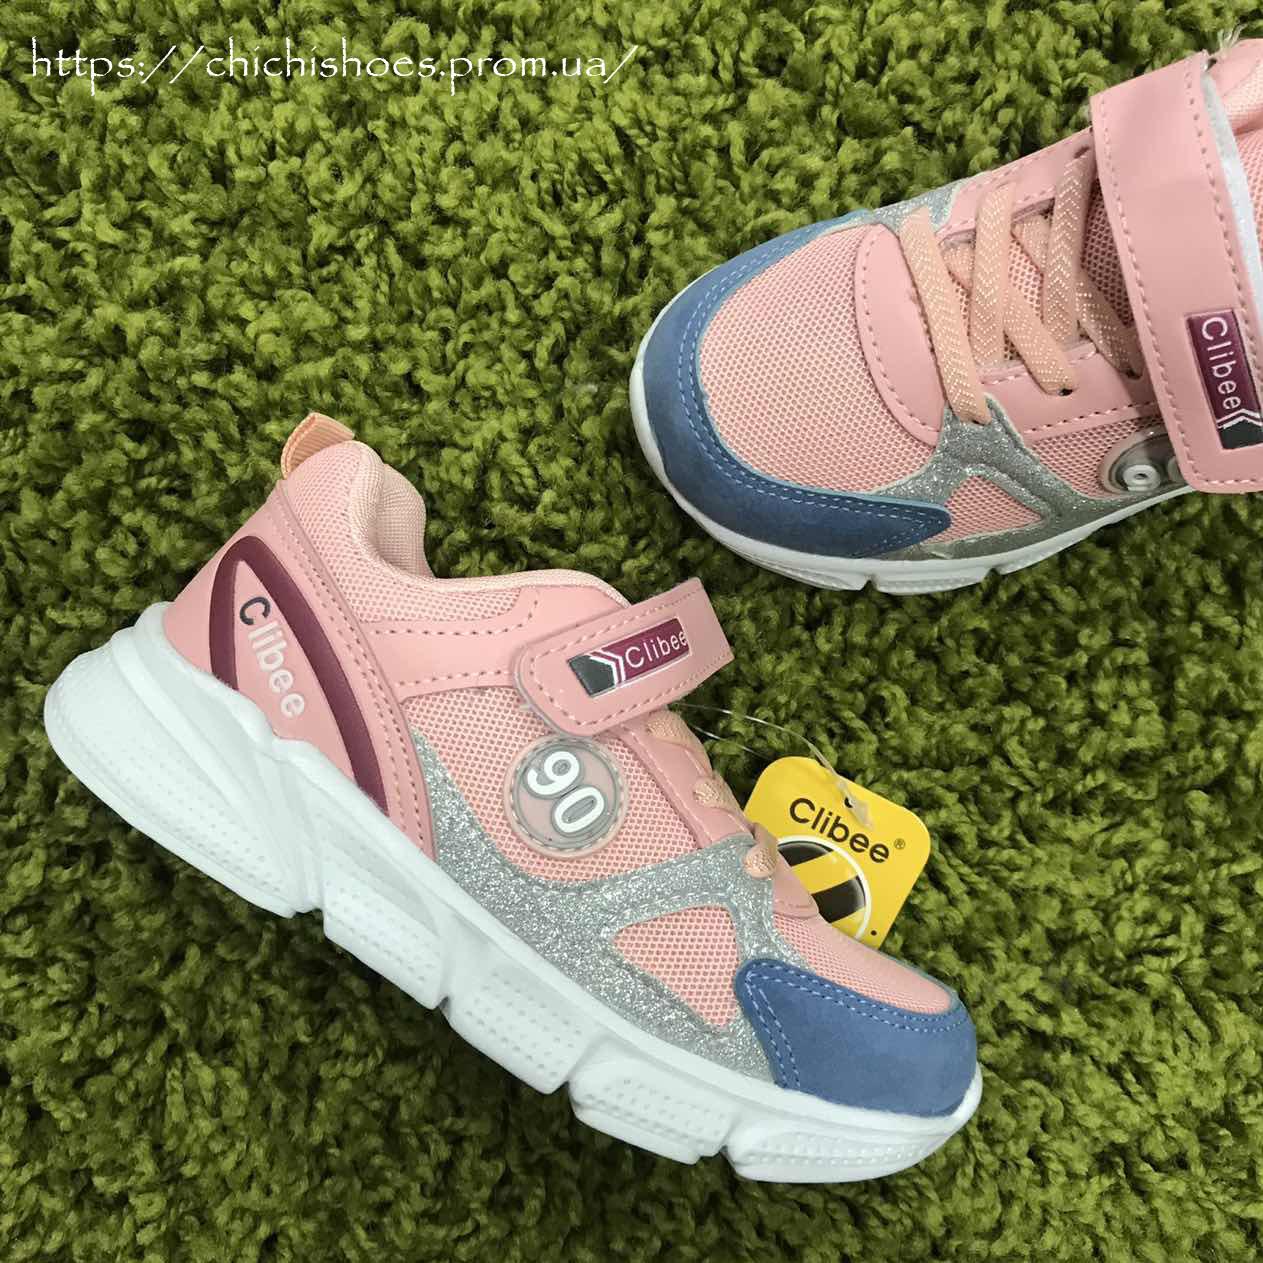 4406a381 Пудровые детские кроссовки Clibee 26-31 размер: продажа, цена в ...